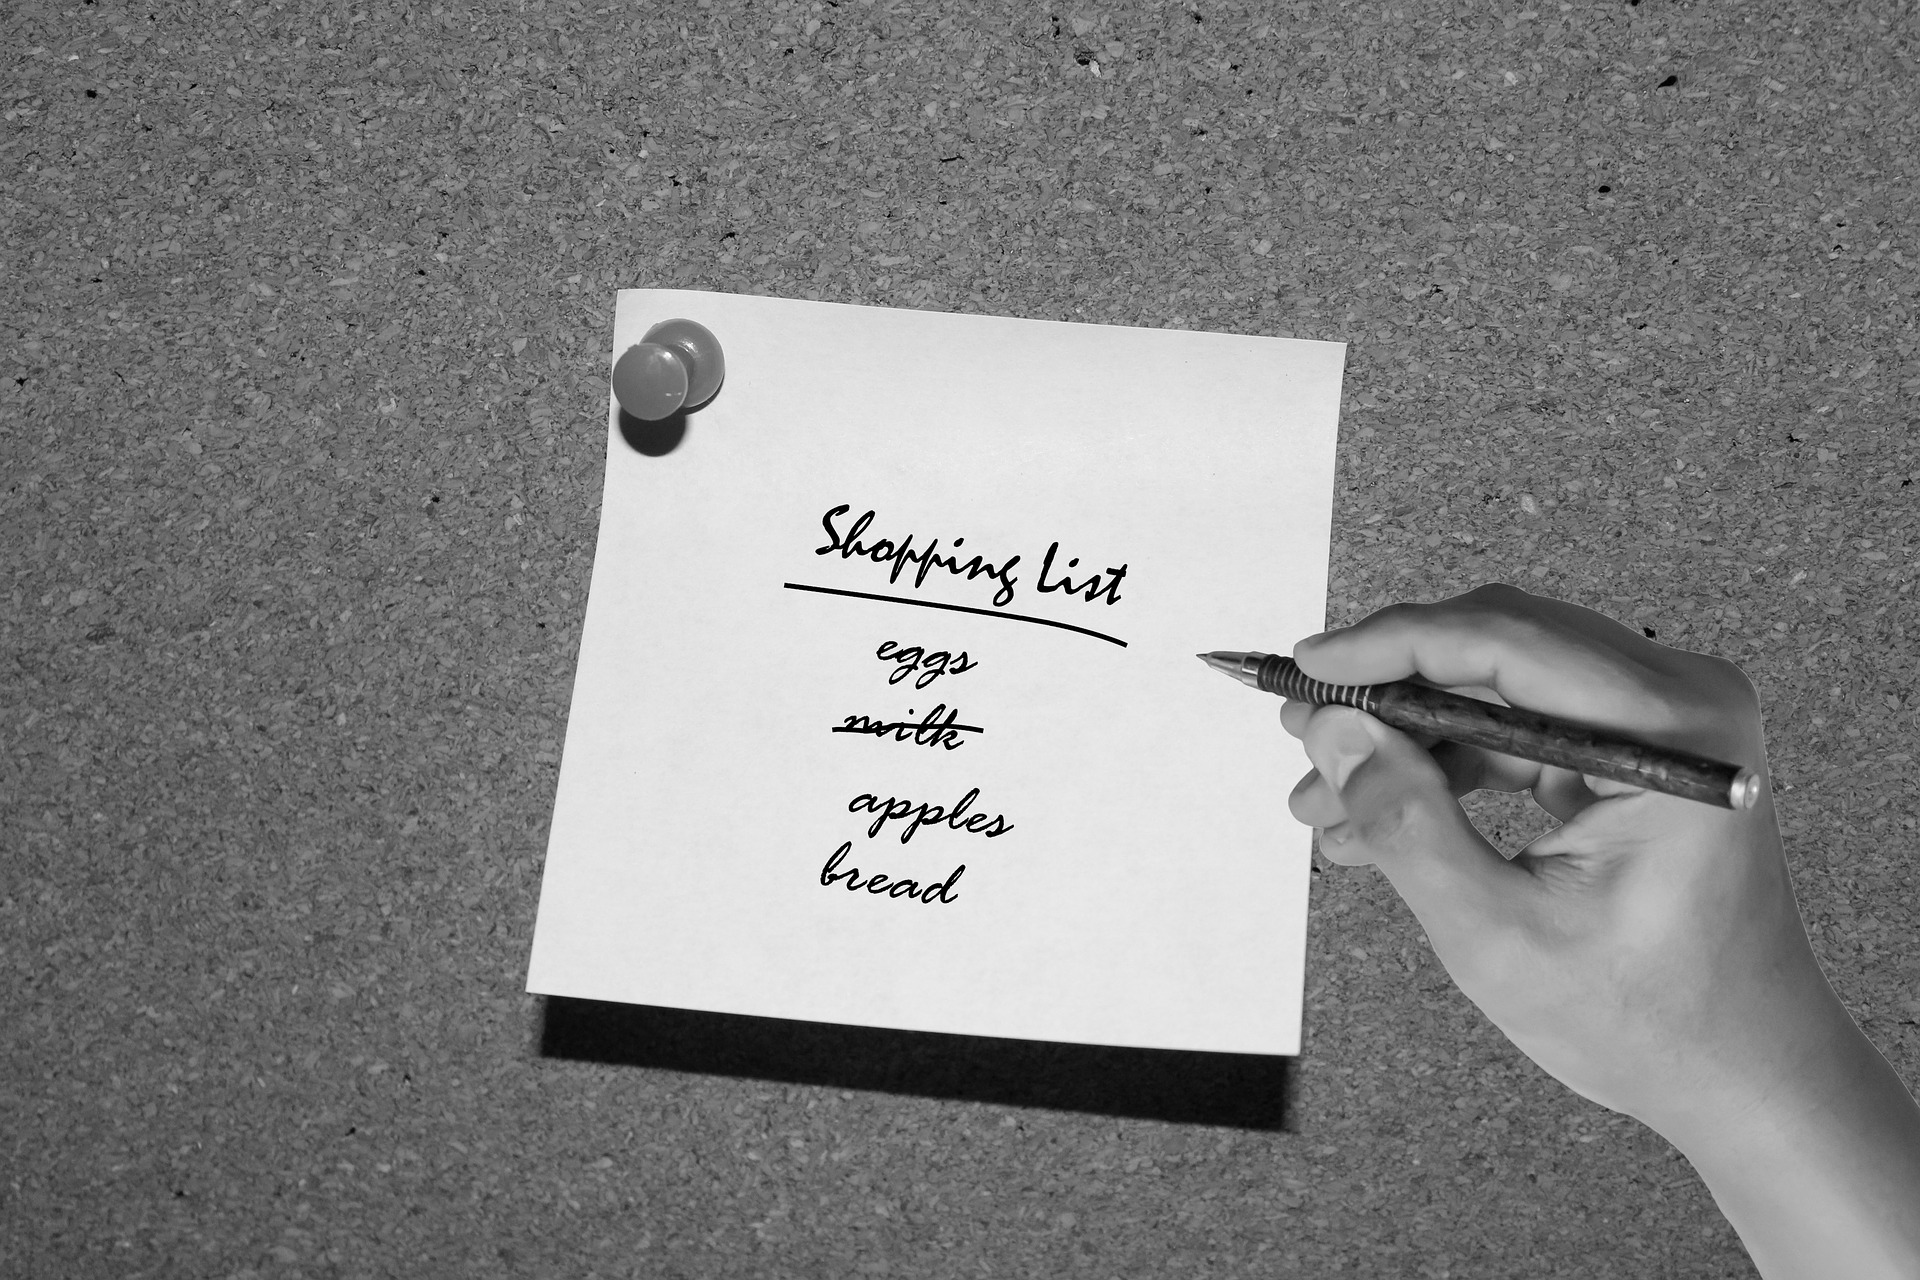 Moja lista zdrowych zakupów